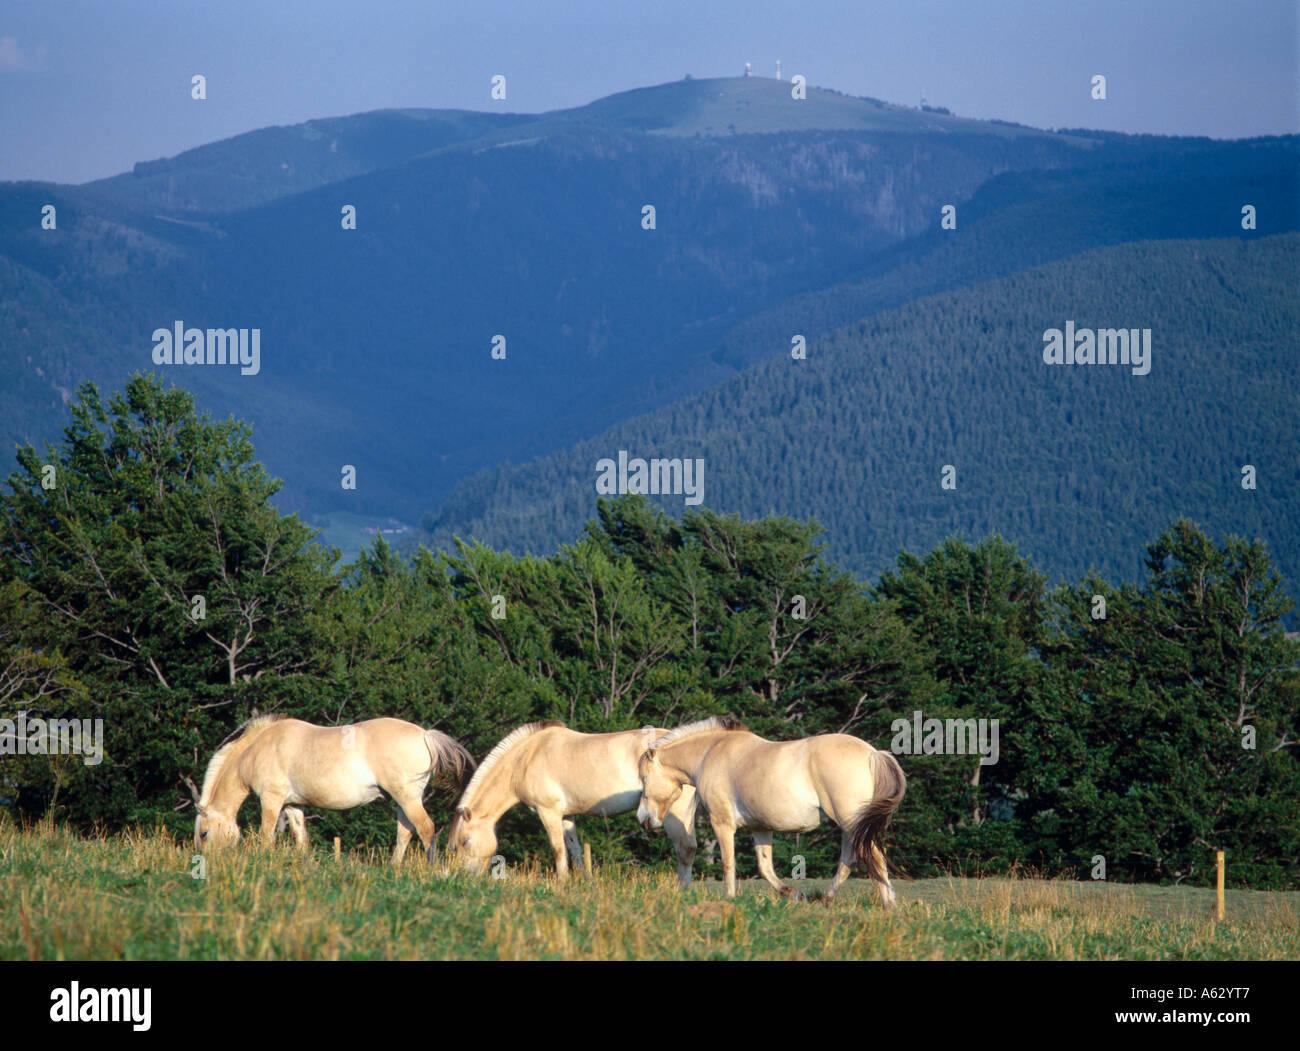 Haflinger horses standing in field, Feldberg, Black Forest, Germany Stock Photo